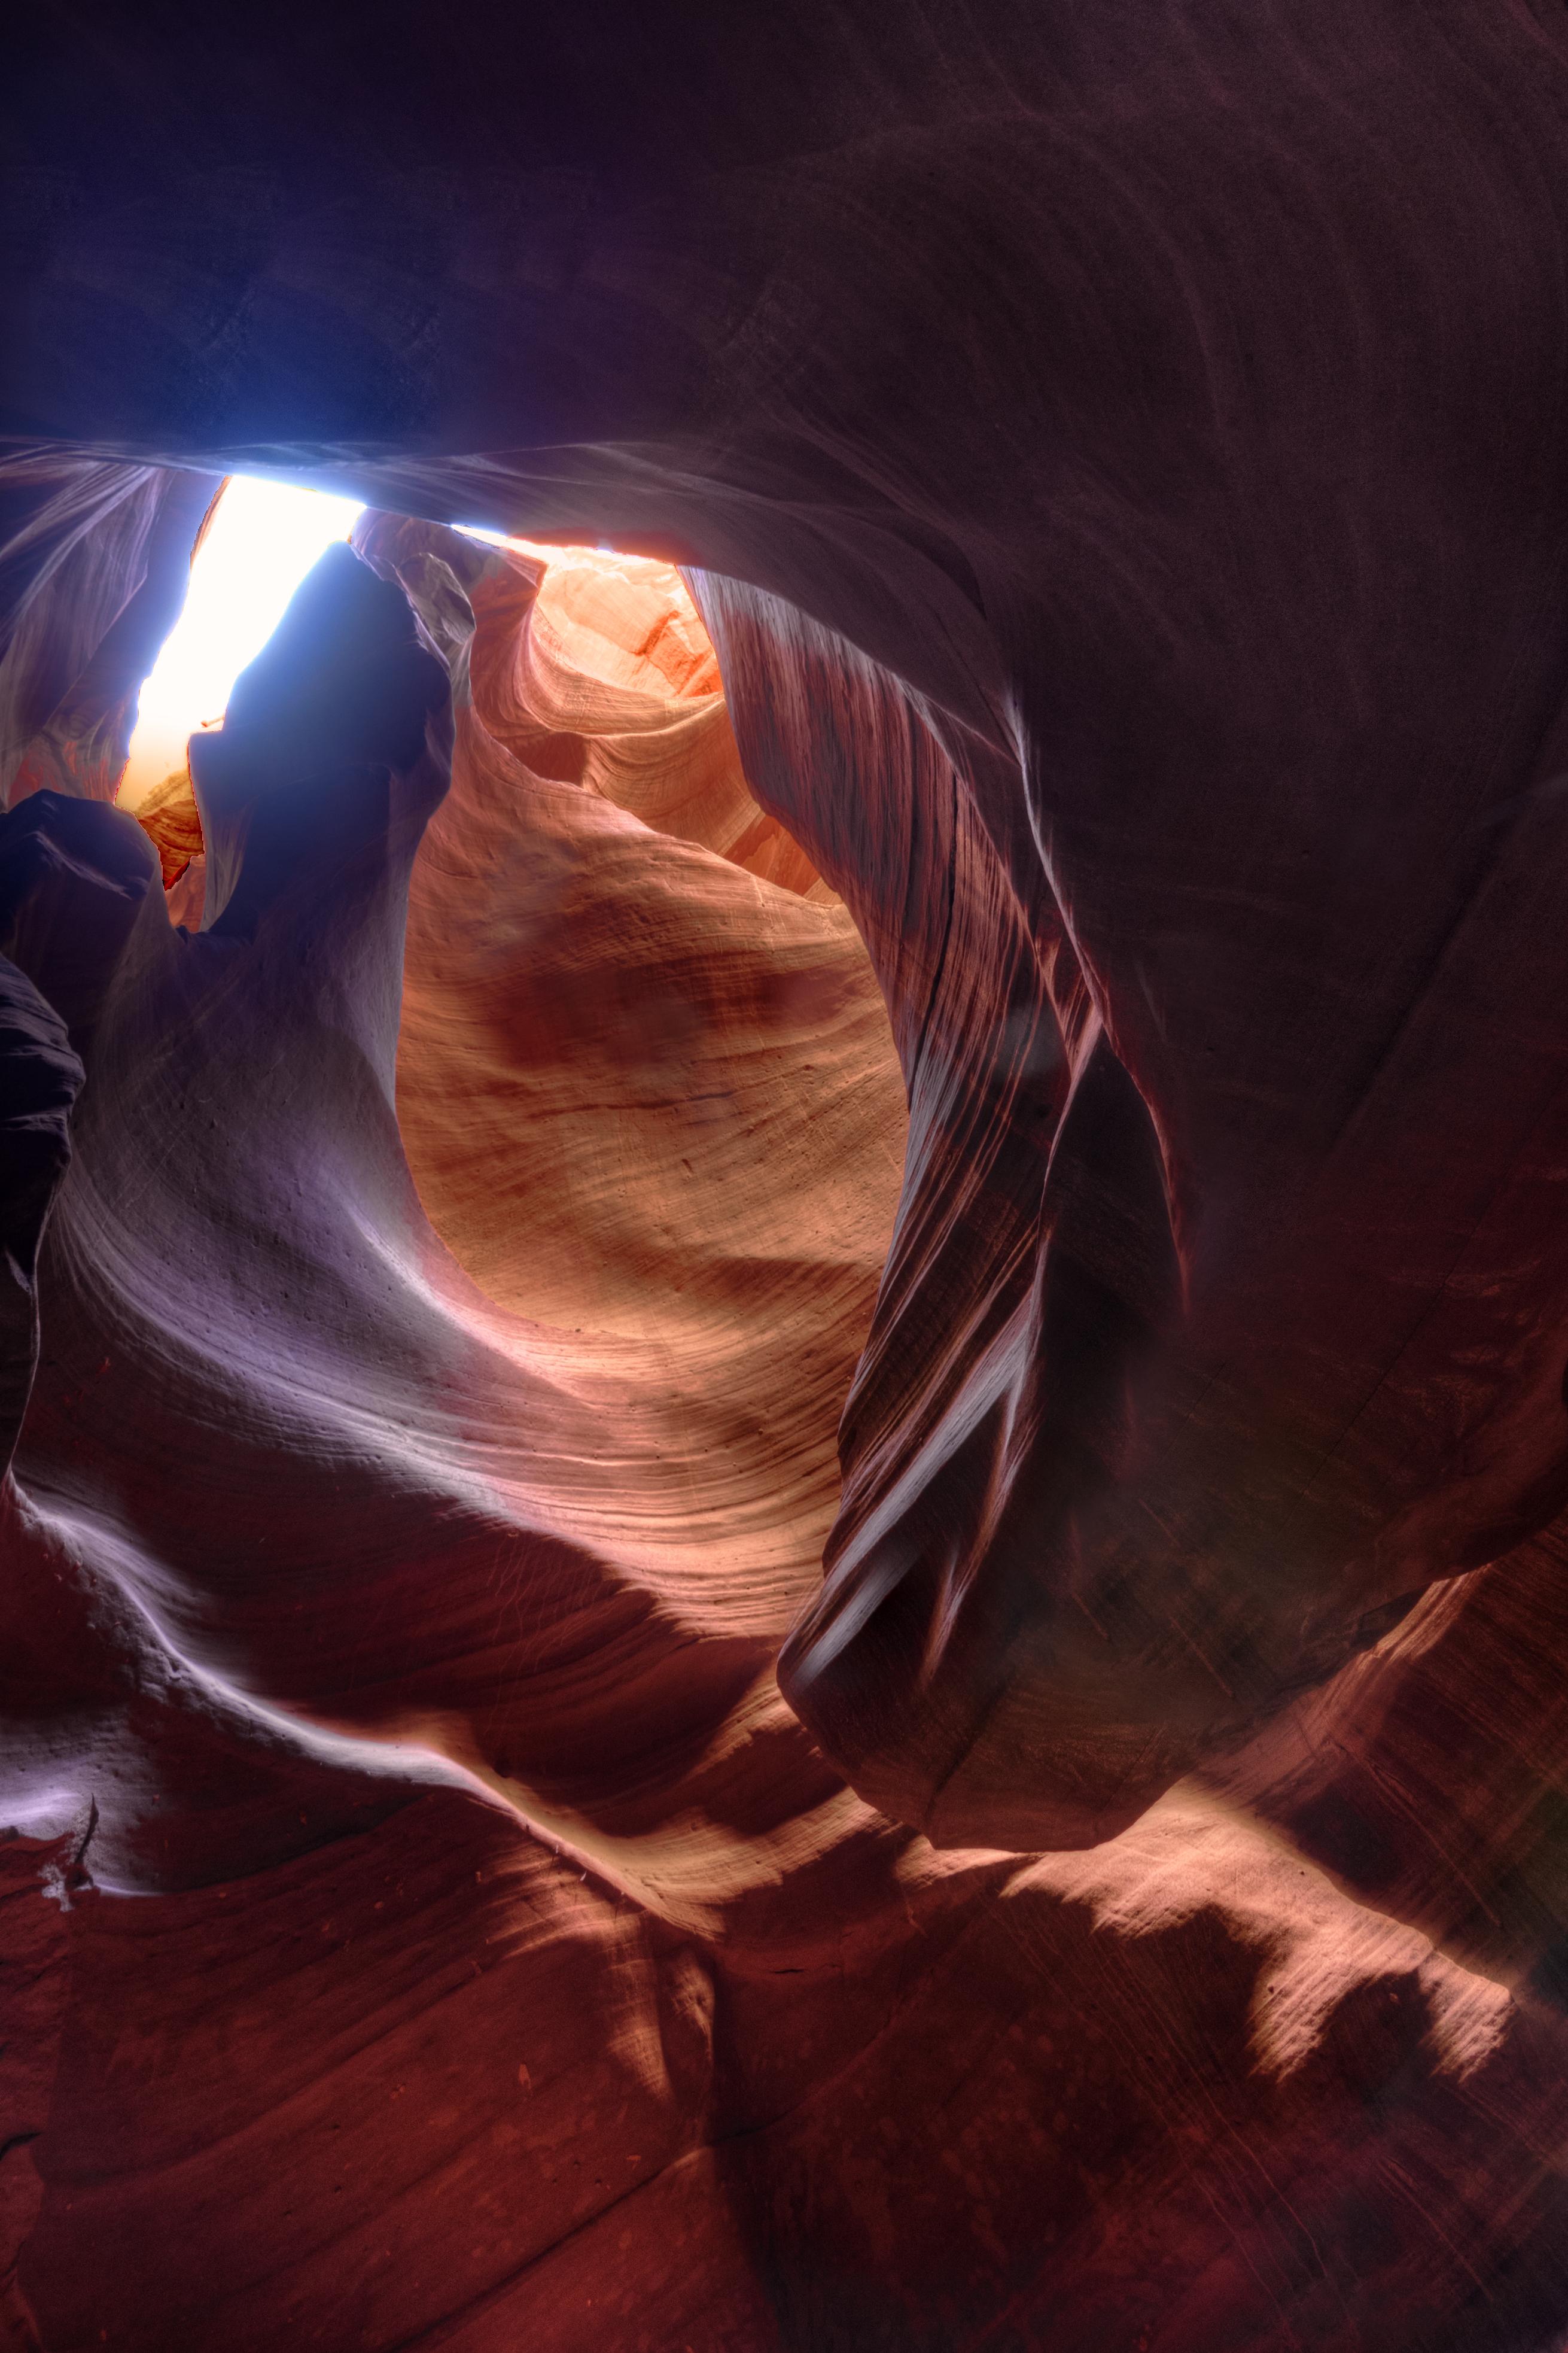 Antelope_Canyon-93_4_5hdr